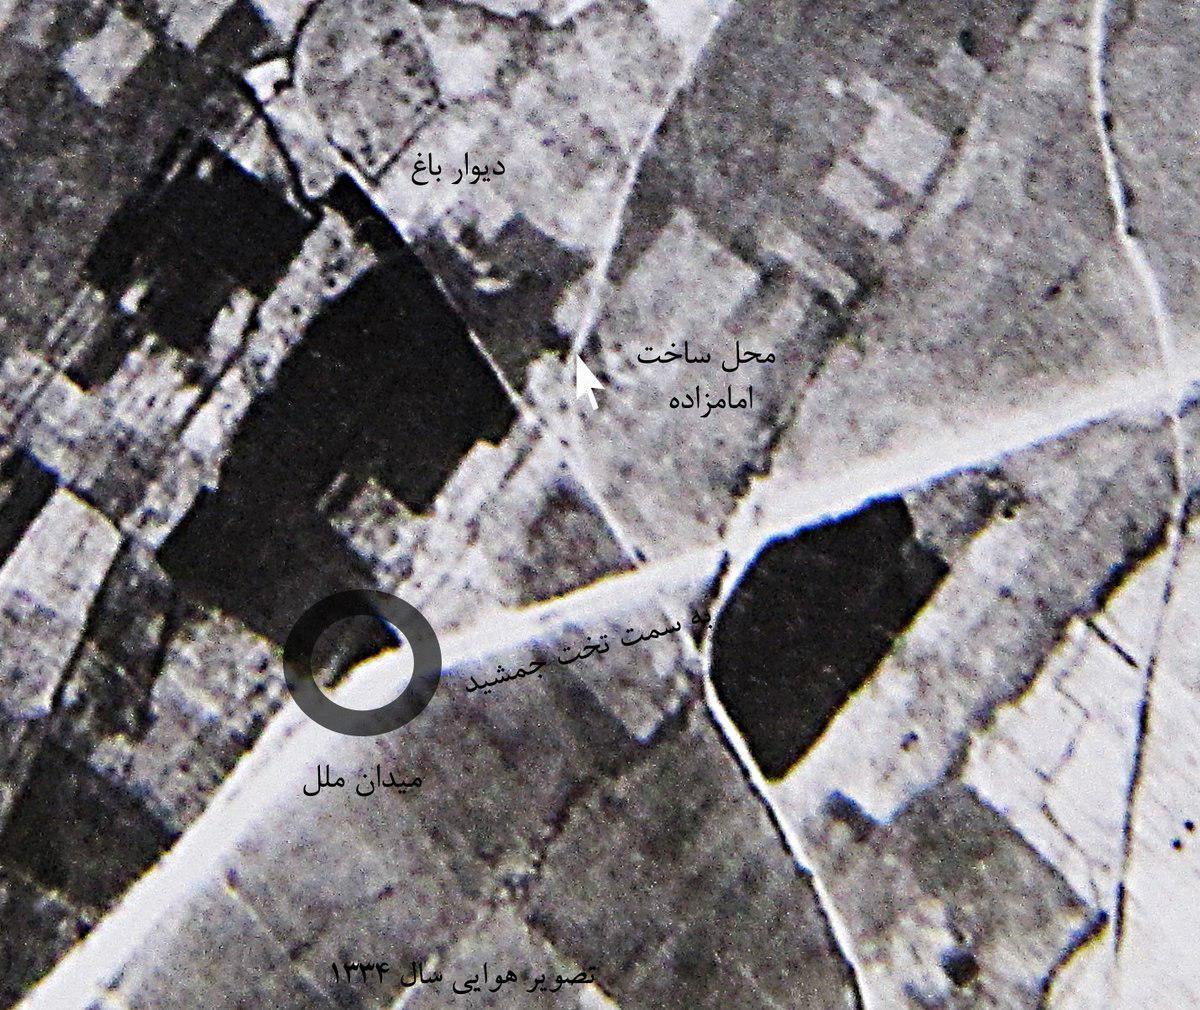 تلاش برای ساخت امامزادهای در حریم تخت جمشید که ۶۰ سال قبل اثری از آن نبوده